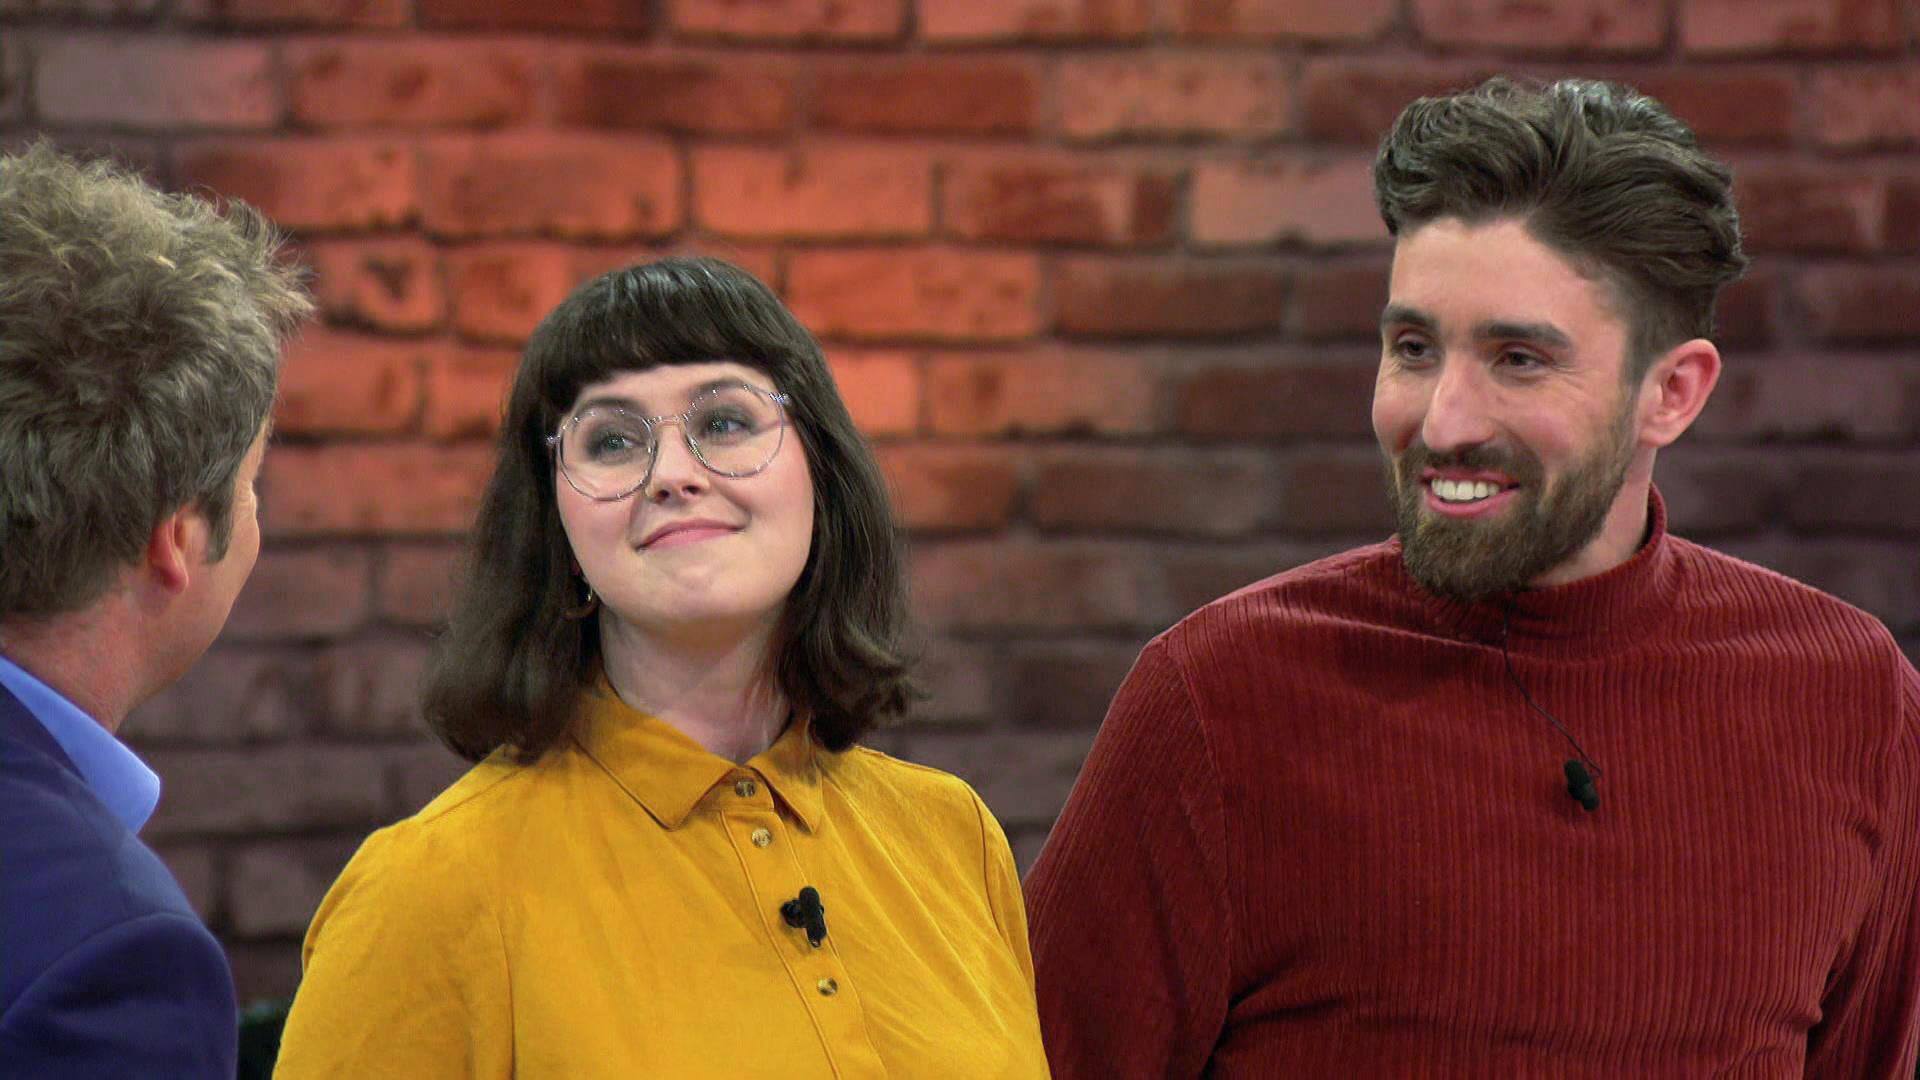 Kandidatenpaar Timo & Gella / Experte Mauro | Folge 48